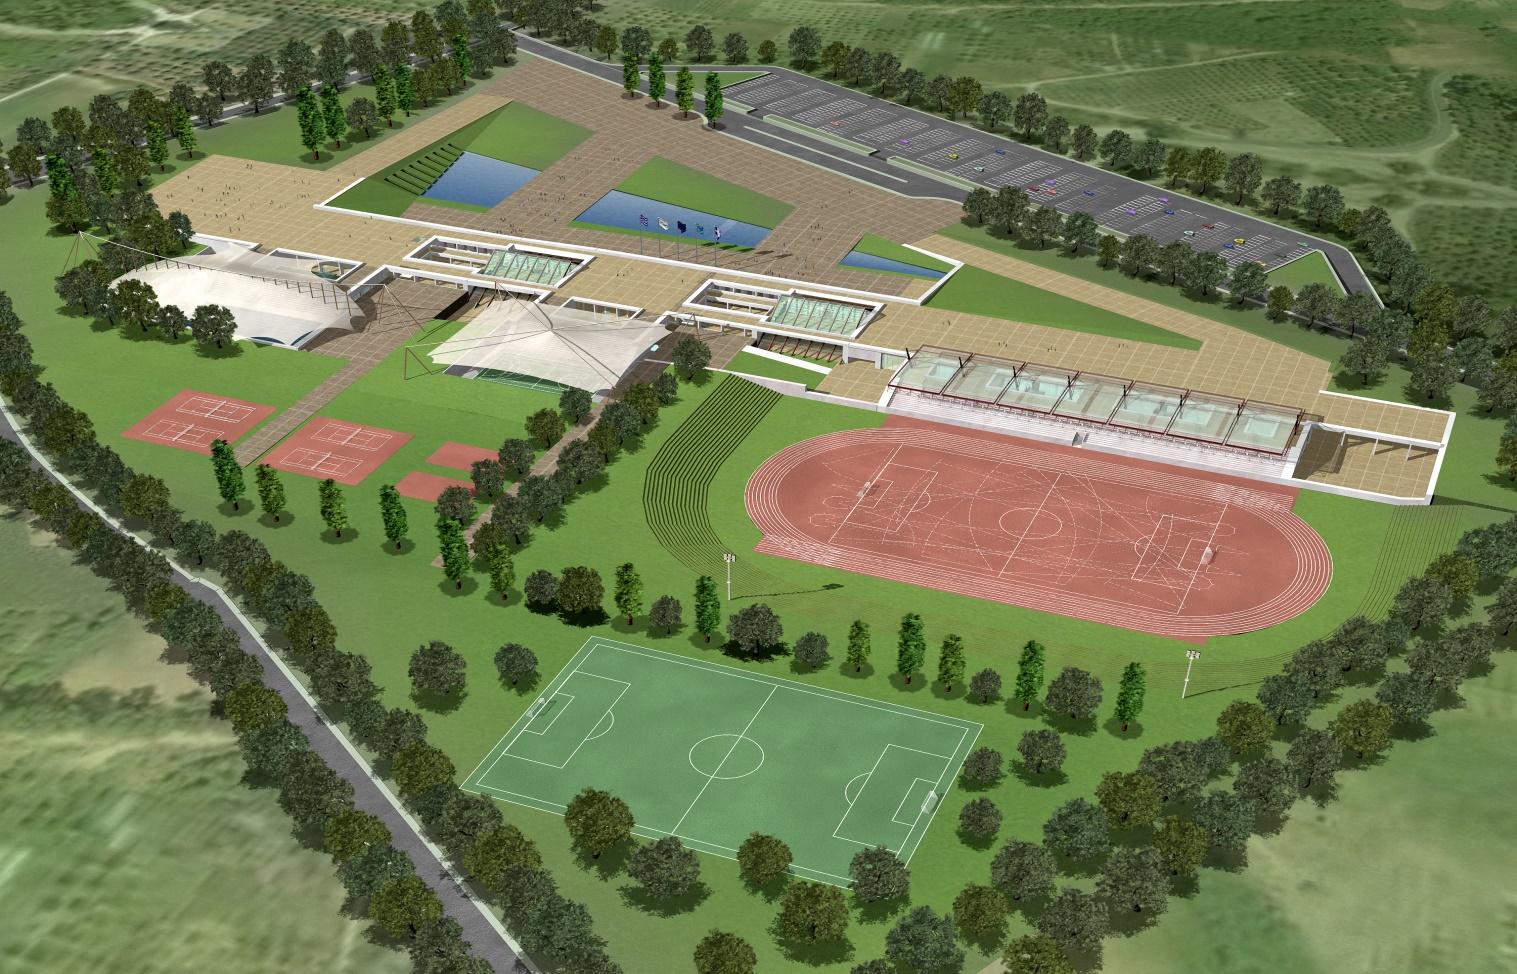 Πανηλειακό Συμβούλιο Αιρετών: Πρόσκληση σε Ημερίδα ενημέρωσης την Κυριακή 27/6 στο Πάρκο Ξυστρή στον Πύργο για τη Δημιουργία Ολυμπιακού Αθλητικού Κέντρου Ν. Ηλείας